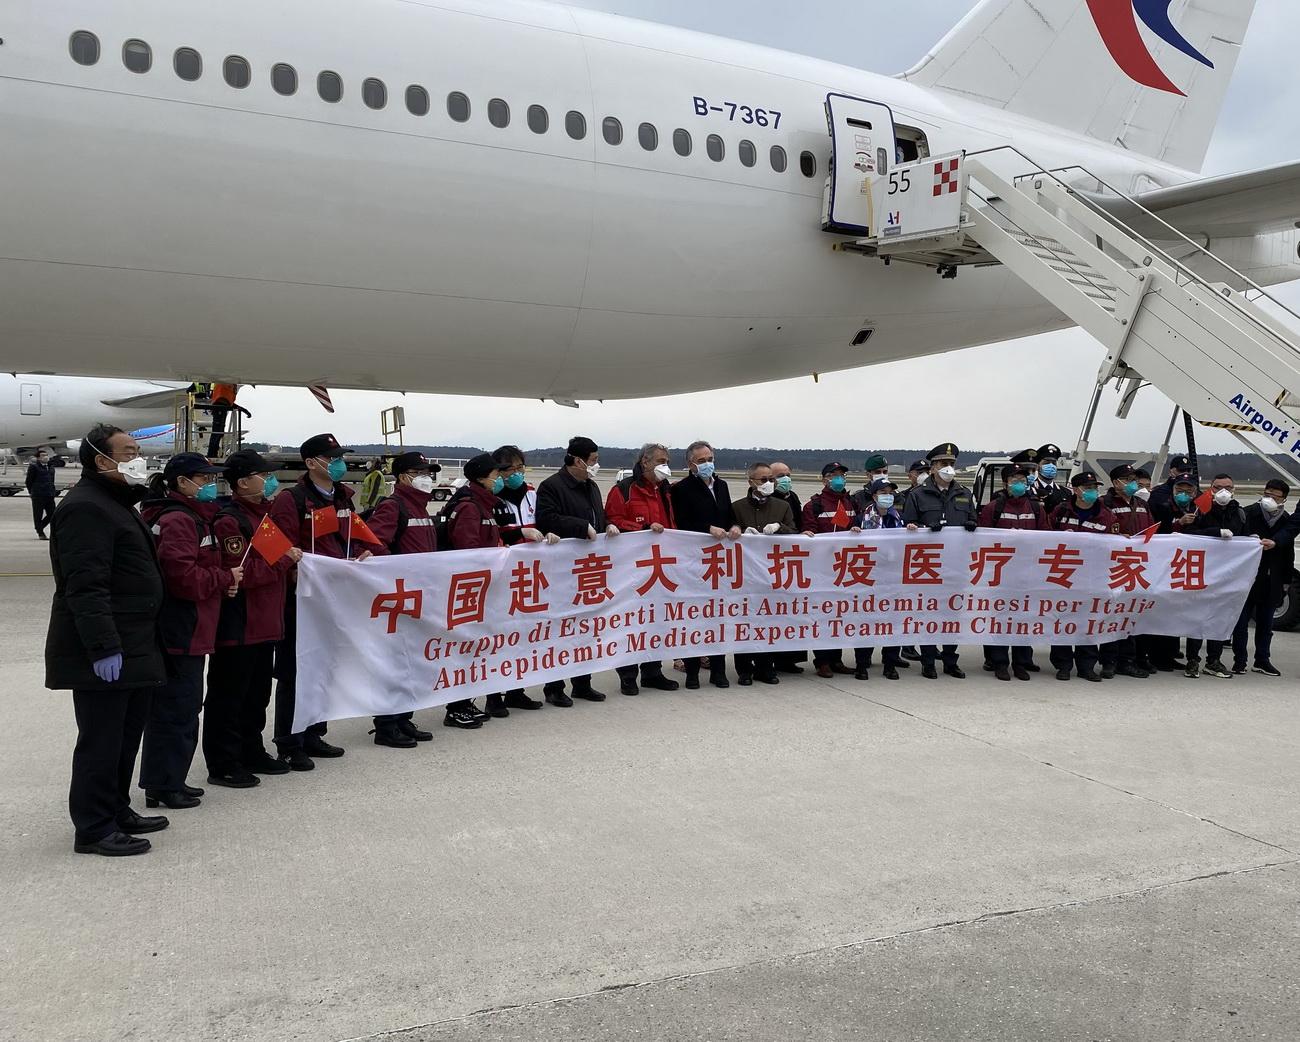 3月25日,在意大利米兰马尔奔萨机场,中国第三批赴意大利抗疫医疗专家组成员与意方人员合影。